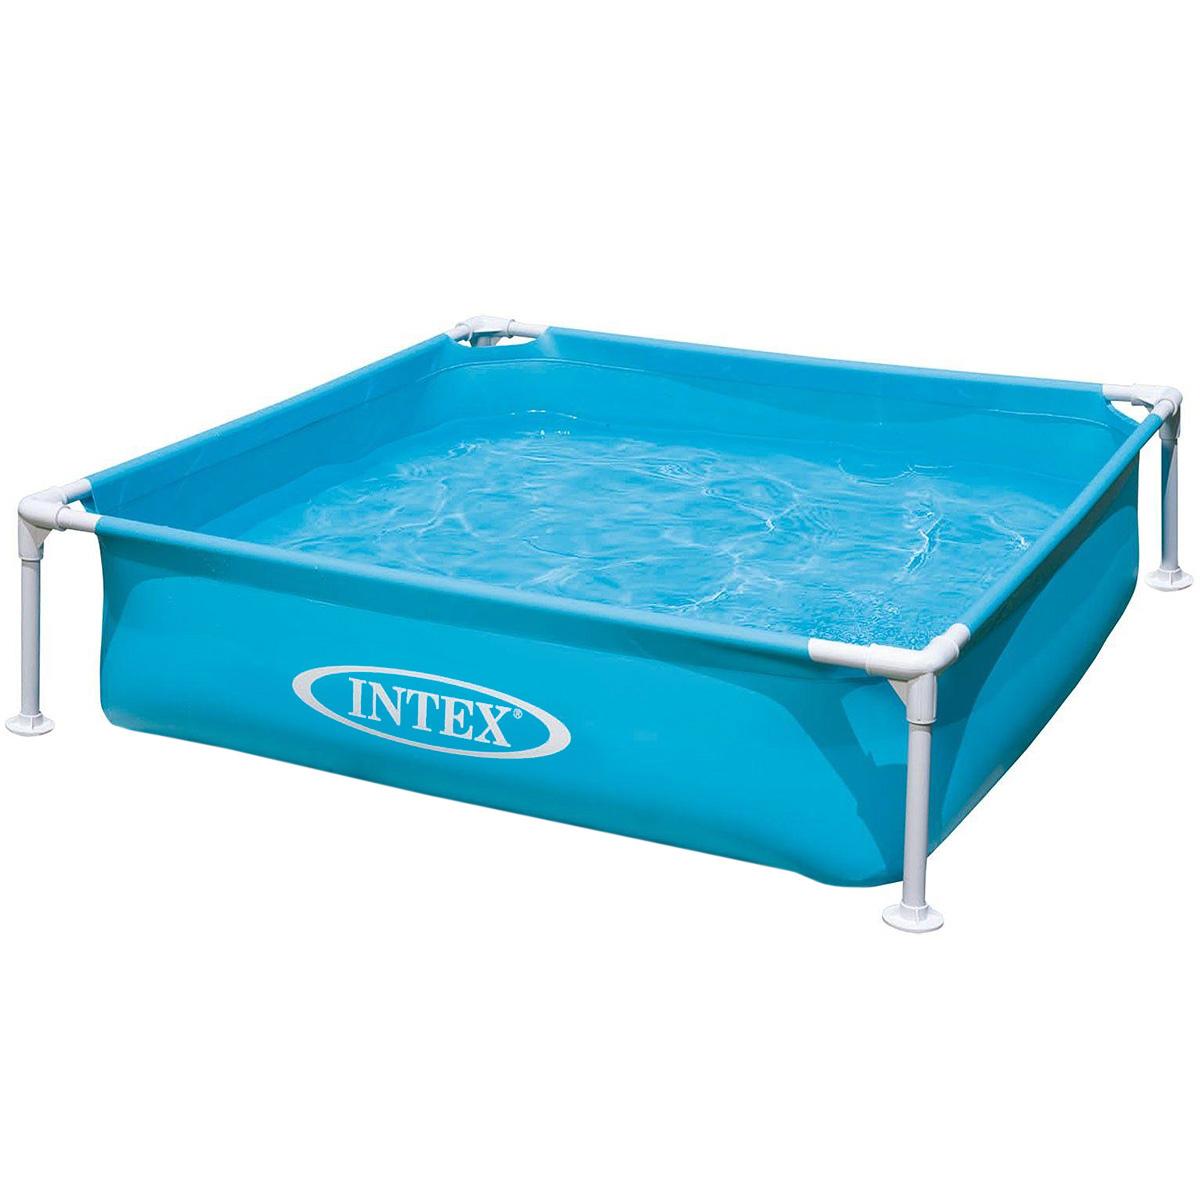 """Детский каркасный бассейн """"Intex"""" будет просто незаменим в летний жаркий день дома или на даче. Бассейн квадратной формы выполнен из прочного винила, дополнительную прочность обеспечивает стальной каркас. Такая конструкция позволяет бассейну выдерживать большие нагрузки при одновременном купании в нем нескольких детей. Дополнительную устойчивость бассейну придают четыре ножки.Яркий бассейн непременно станет для вас не только незаменимым атрибутом летнего отдыха, но и дополнением ландшафтного дизайна участка.  В комплект с бассейном входит специальная заплатка для ремонта в случае прокола. Гарантия производителя: 30 дней."""